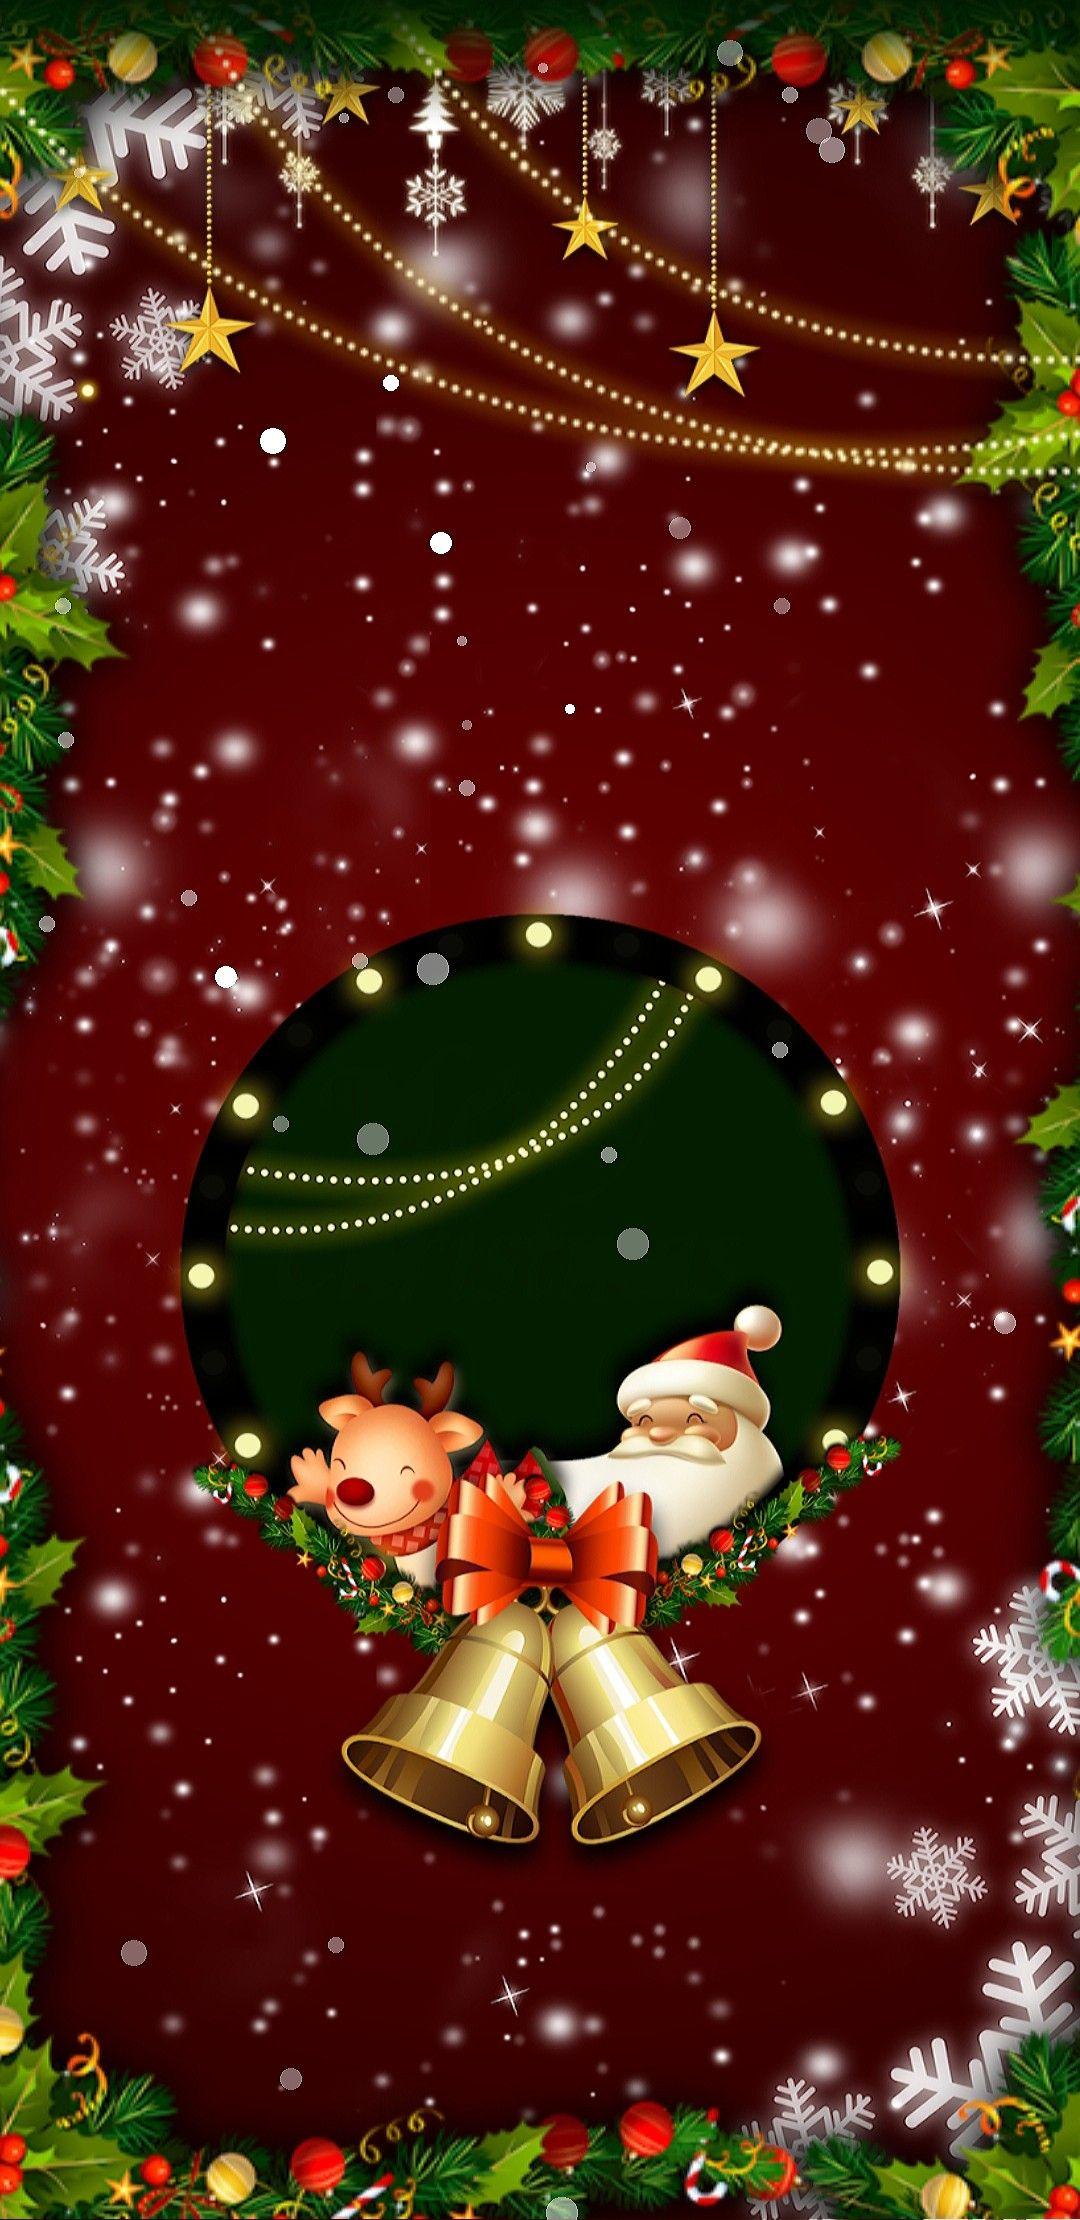 Sfondi Natalizi Iohone 6.Pin Di Rox Mas Su Natale Ovunque Natale